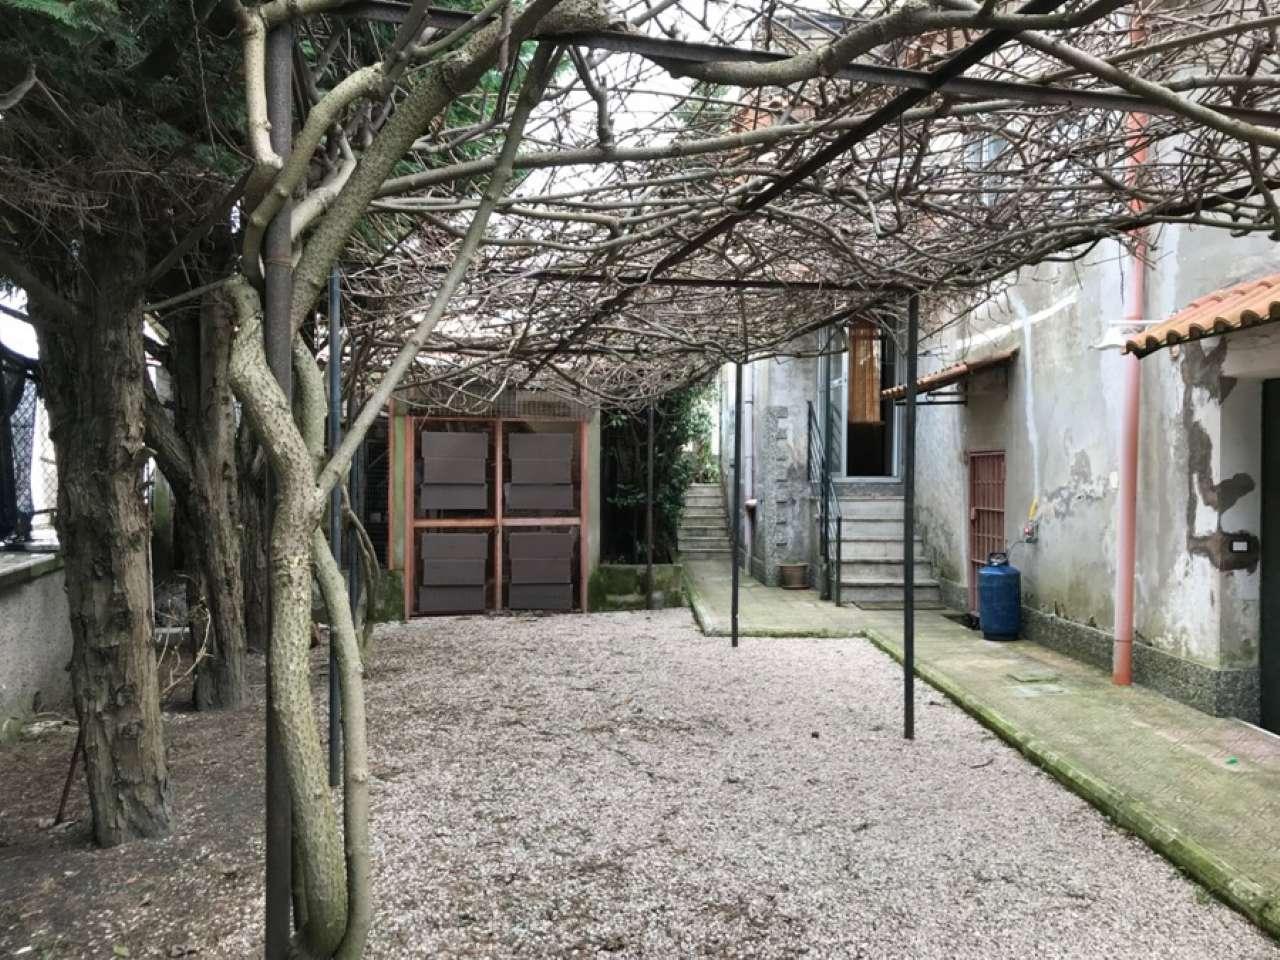 Appartamento in affitto a Napoli, 1 locali, zona Zona: 5 . Vomero, Arenella, prezzo € 380 | CambioCasa.it